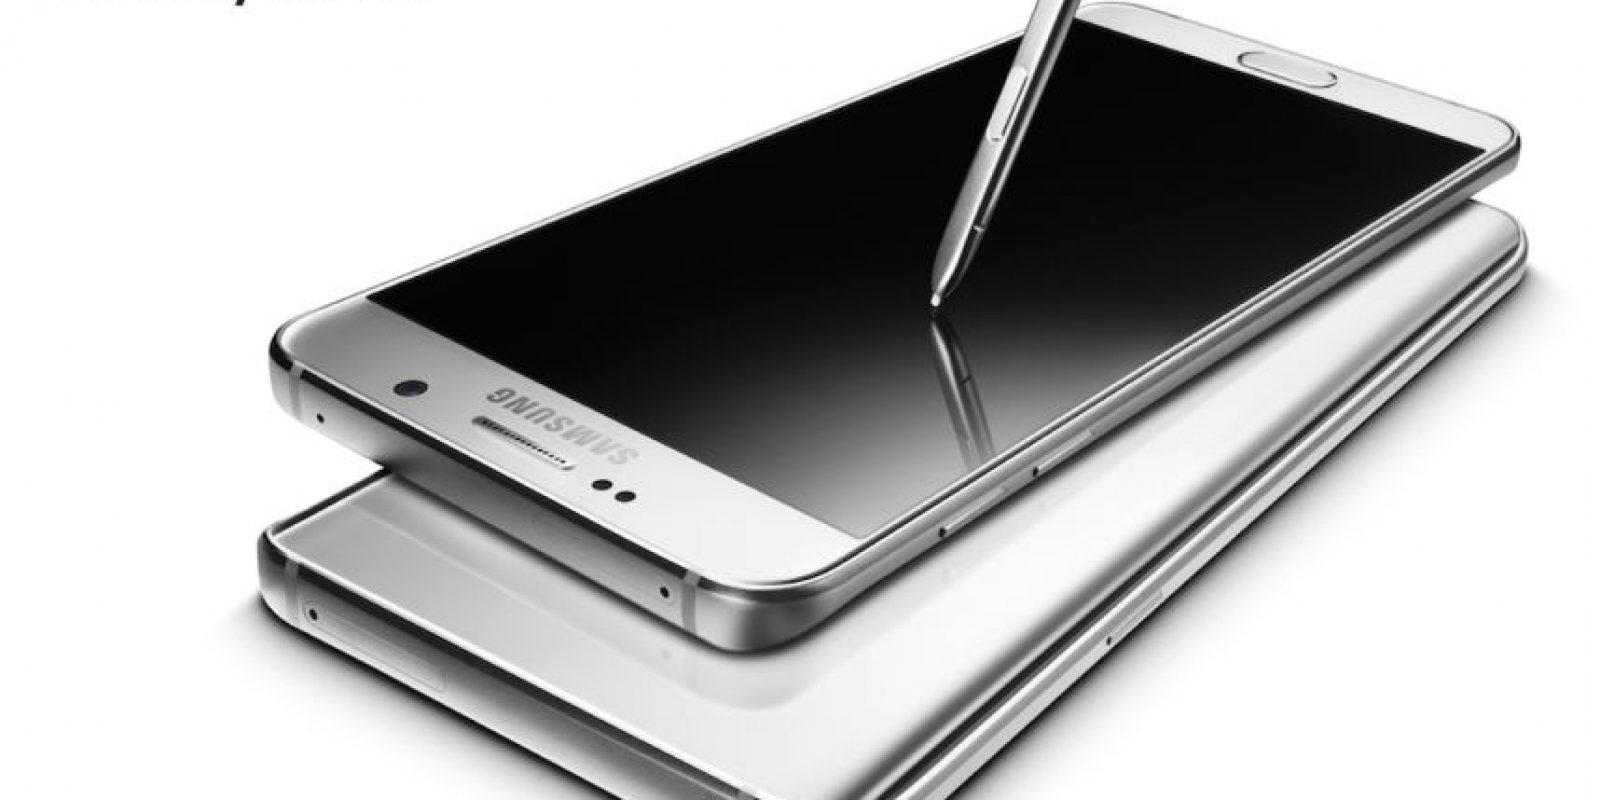 Precio no disponible. Foto:Samsung